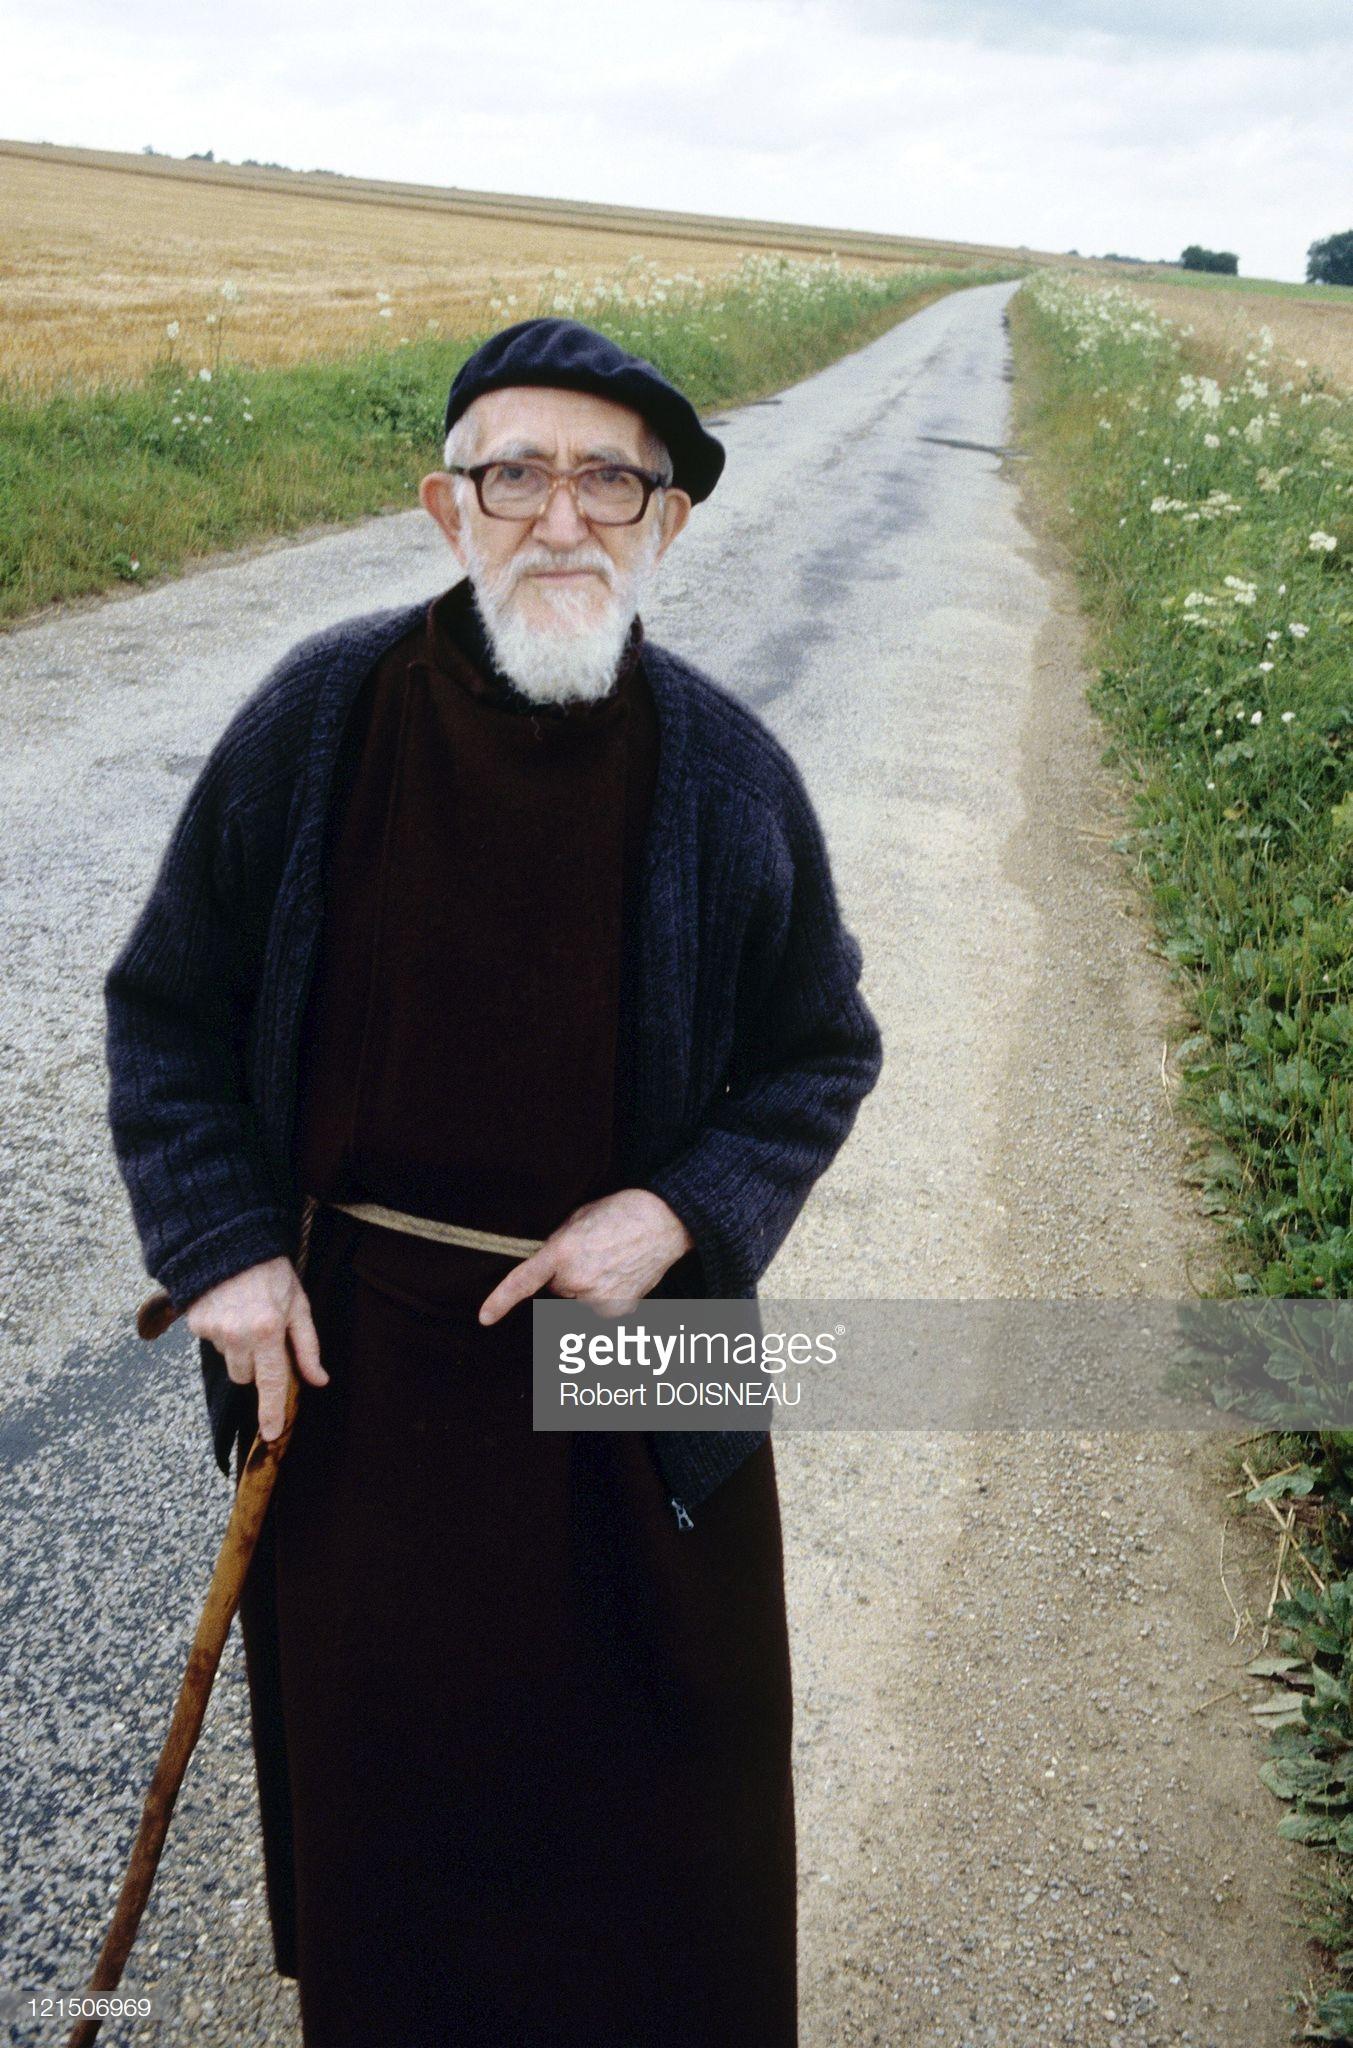 Аббат Пьер (в миру Анри Антуан Груэ — французский общественно-политический деятель. Католический священник. Кличку «аббат Пьер» Груэ получил в годы Второй мировой войны, когда он принимал участие во французском движении Сопротивления). Париж